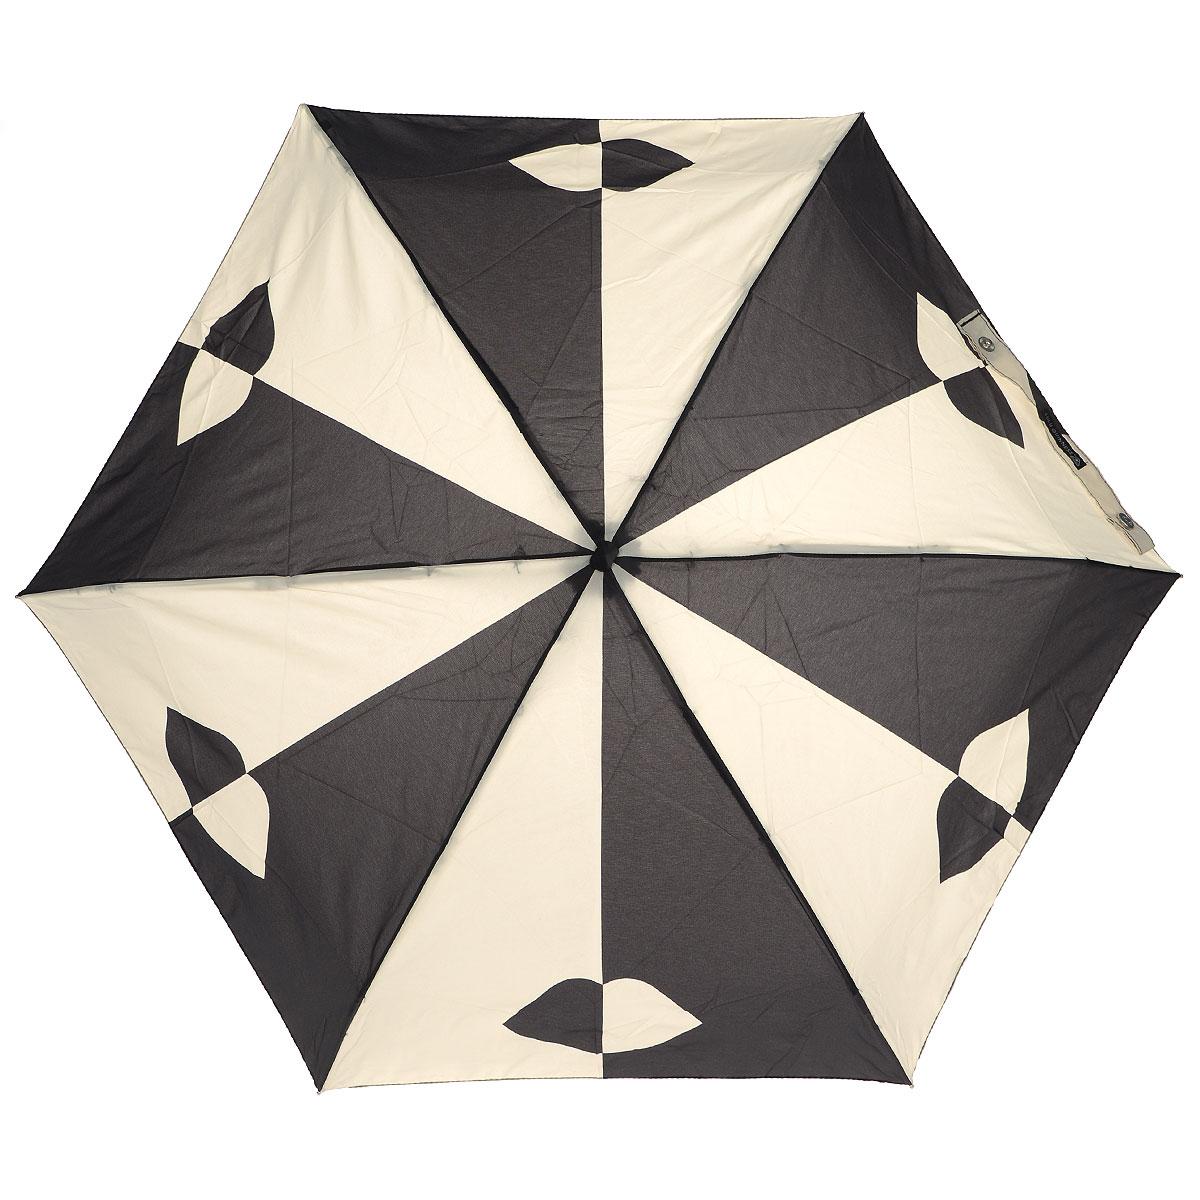 """Зонт женский Lulu Guinness Stone Black Lips, механический, 5 сложений, цвет: черный, бежевыйL717 3F2679Стильный зонт """"Stone Black Lips"""" защитит от непогоды, а его сверхкомпактный размер позволит вам всегда носить его с собой. """"Ветростойкий"""" каркас зонта выполнен из алюминия и состоит из шести спиц с элементами из фибергласса, зонт оснащен удобной рукояткой из прорезиненного пластика. Купол зонта выполнен из прочного полиэстера и оформлен принтом в виде губ. На рукоятке для удобства есть небольшой шнурок, позволяющий надеть зонт на руку тогда, когда это будет необходимо. К зонту прилагается чехол. Зонт механического сложения: купол открывается и закрывается вручную, стержень также складывается вручную до характерного щелчка."""